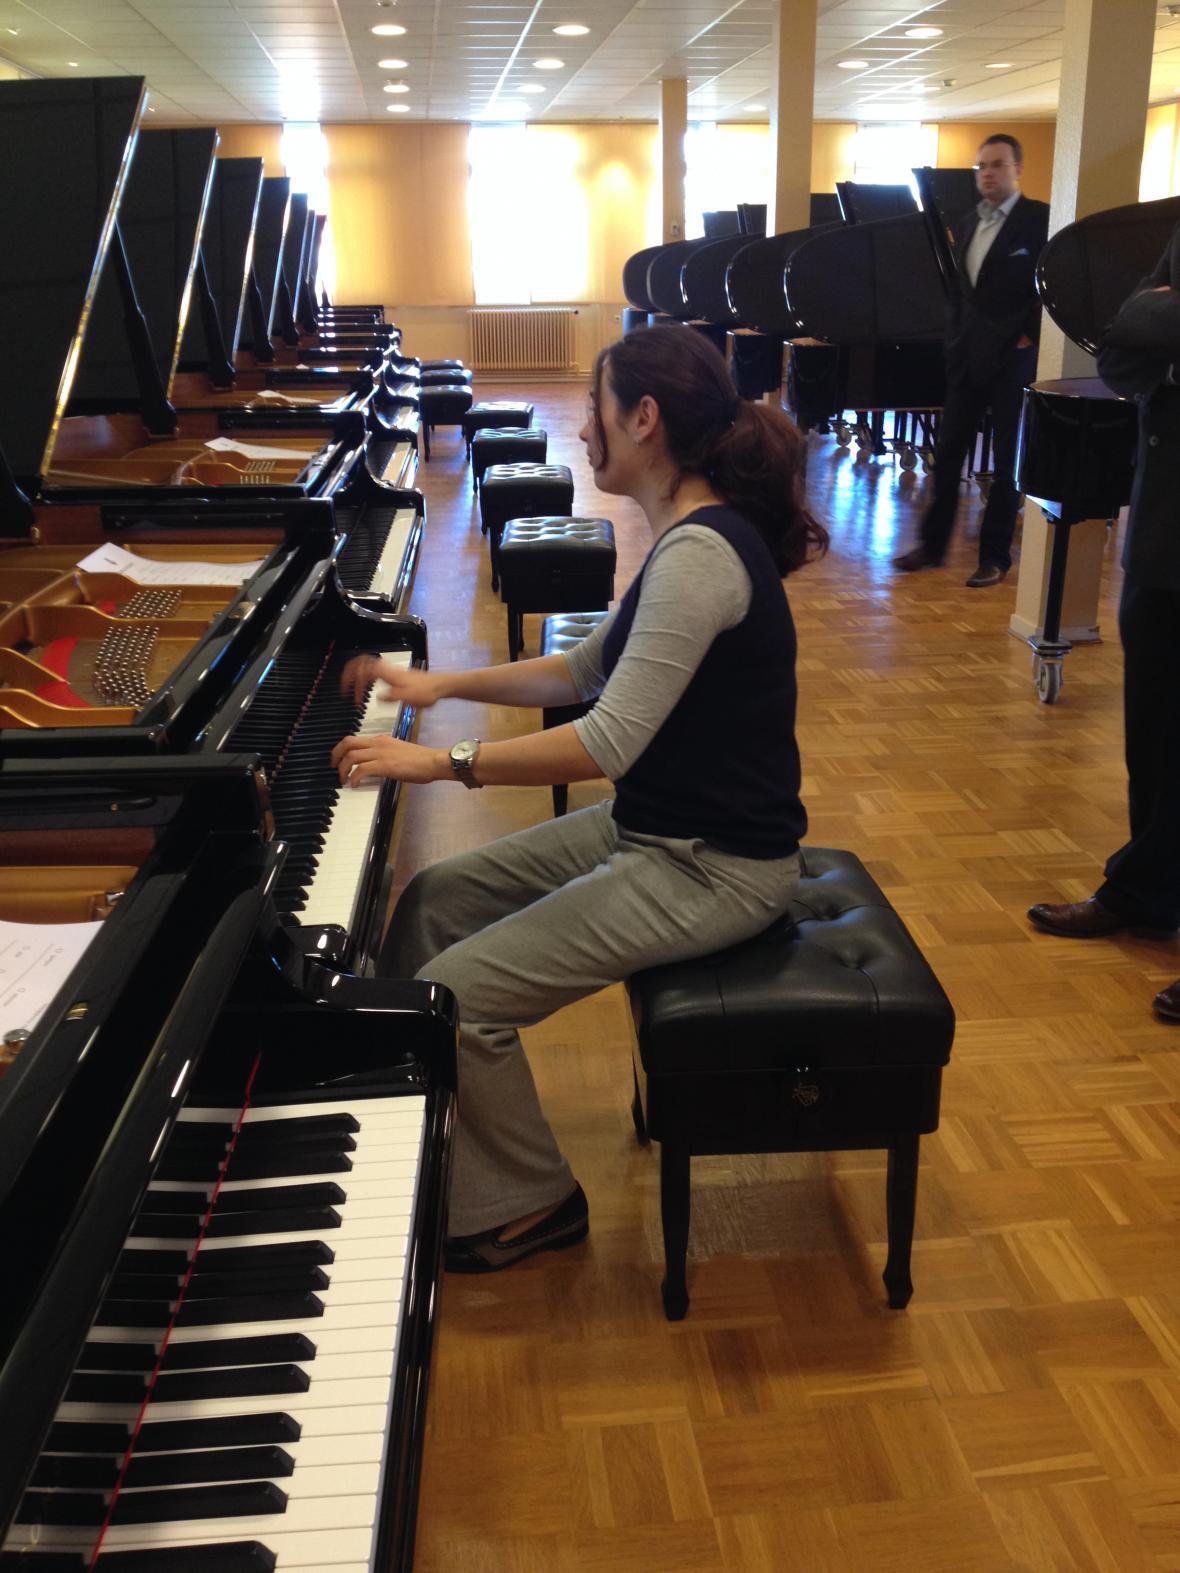 Brněnští hudebníci vybírali z osmi nástrojů